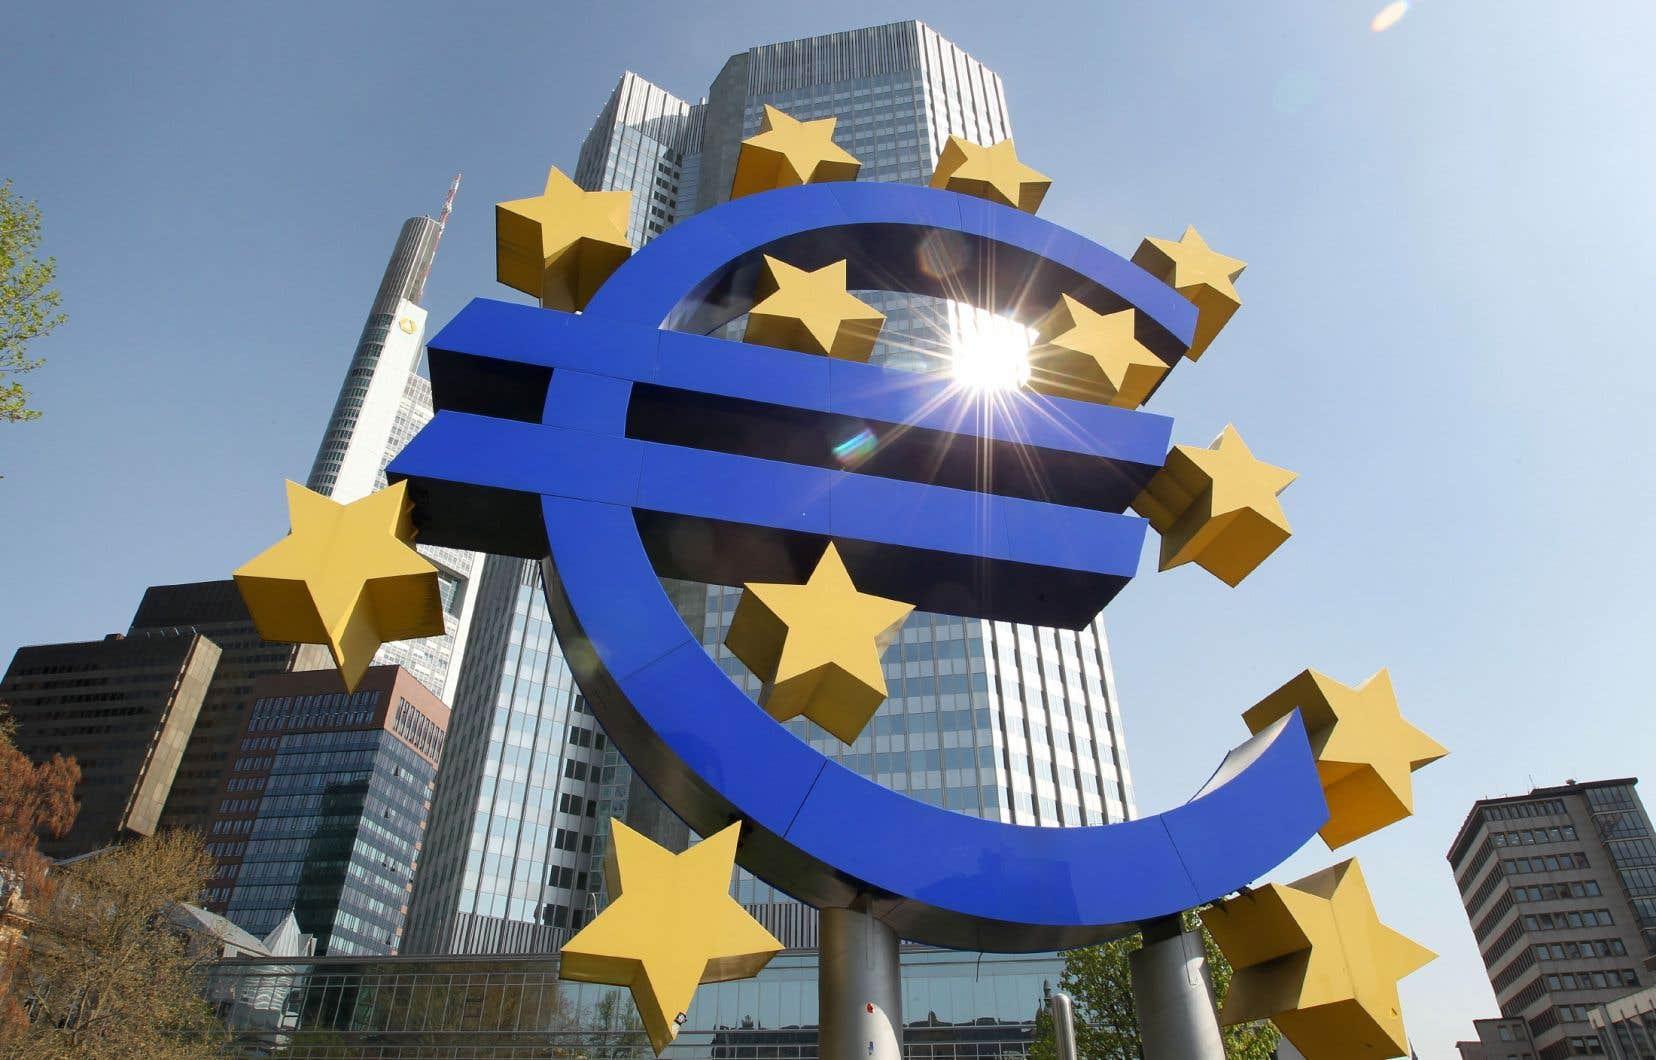 La présidente de la banque centrale européenne, Christine Lagarde, s'est dite prête à un renforcement du programme d'urgence de l'institution.